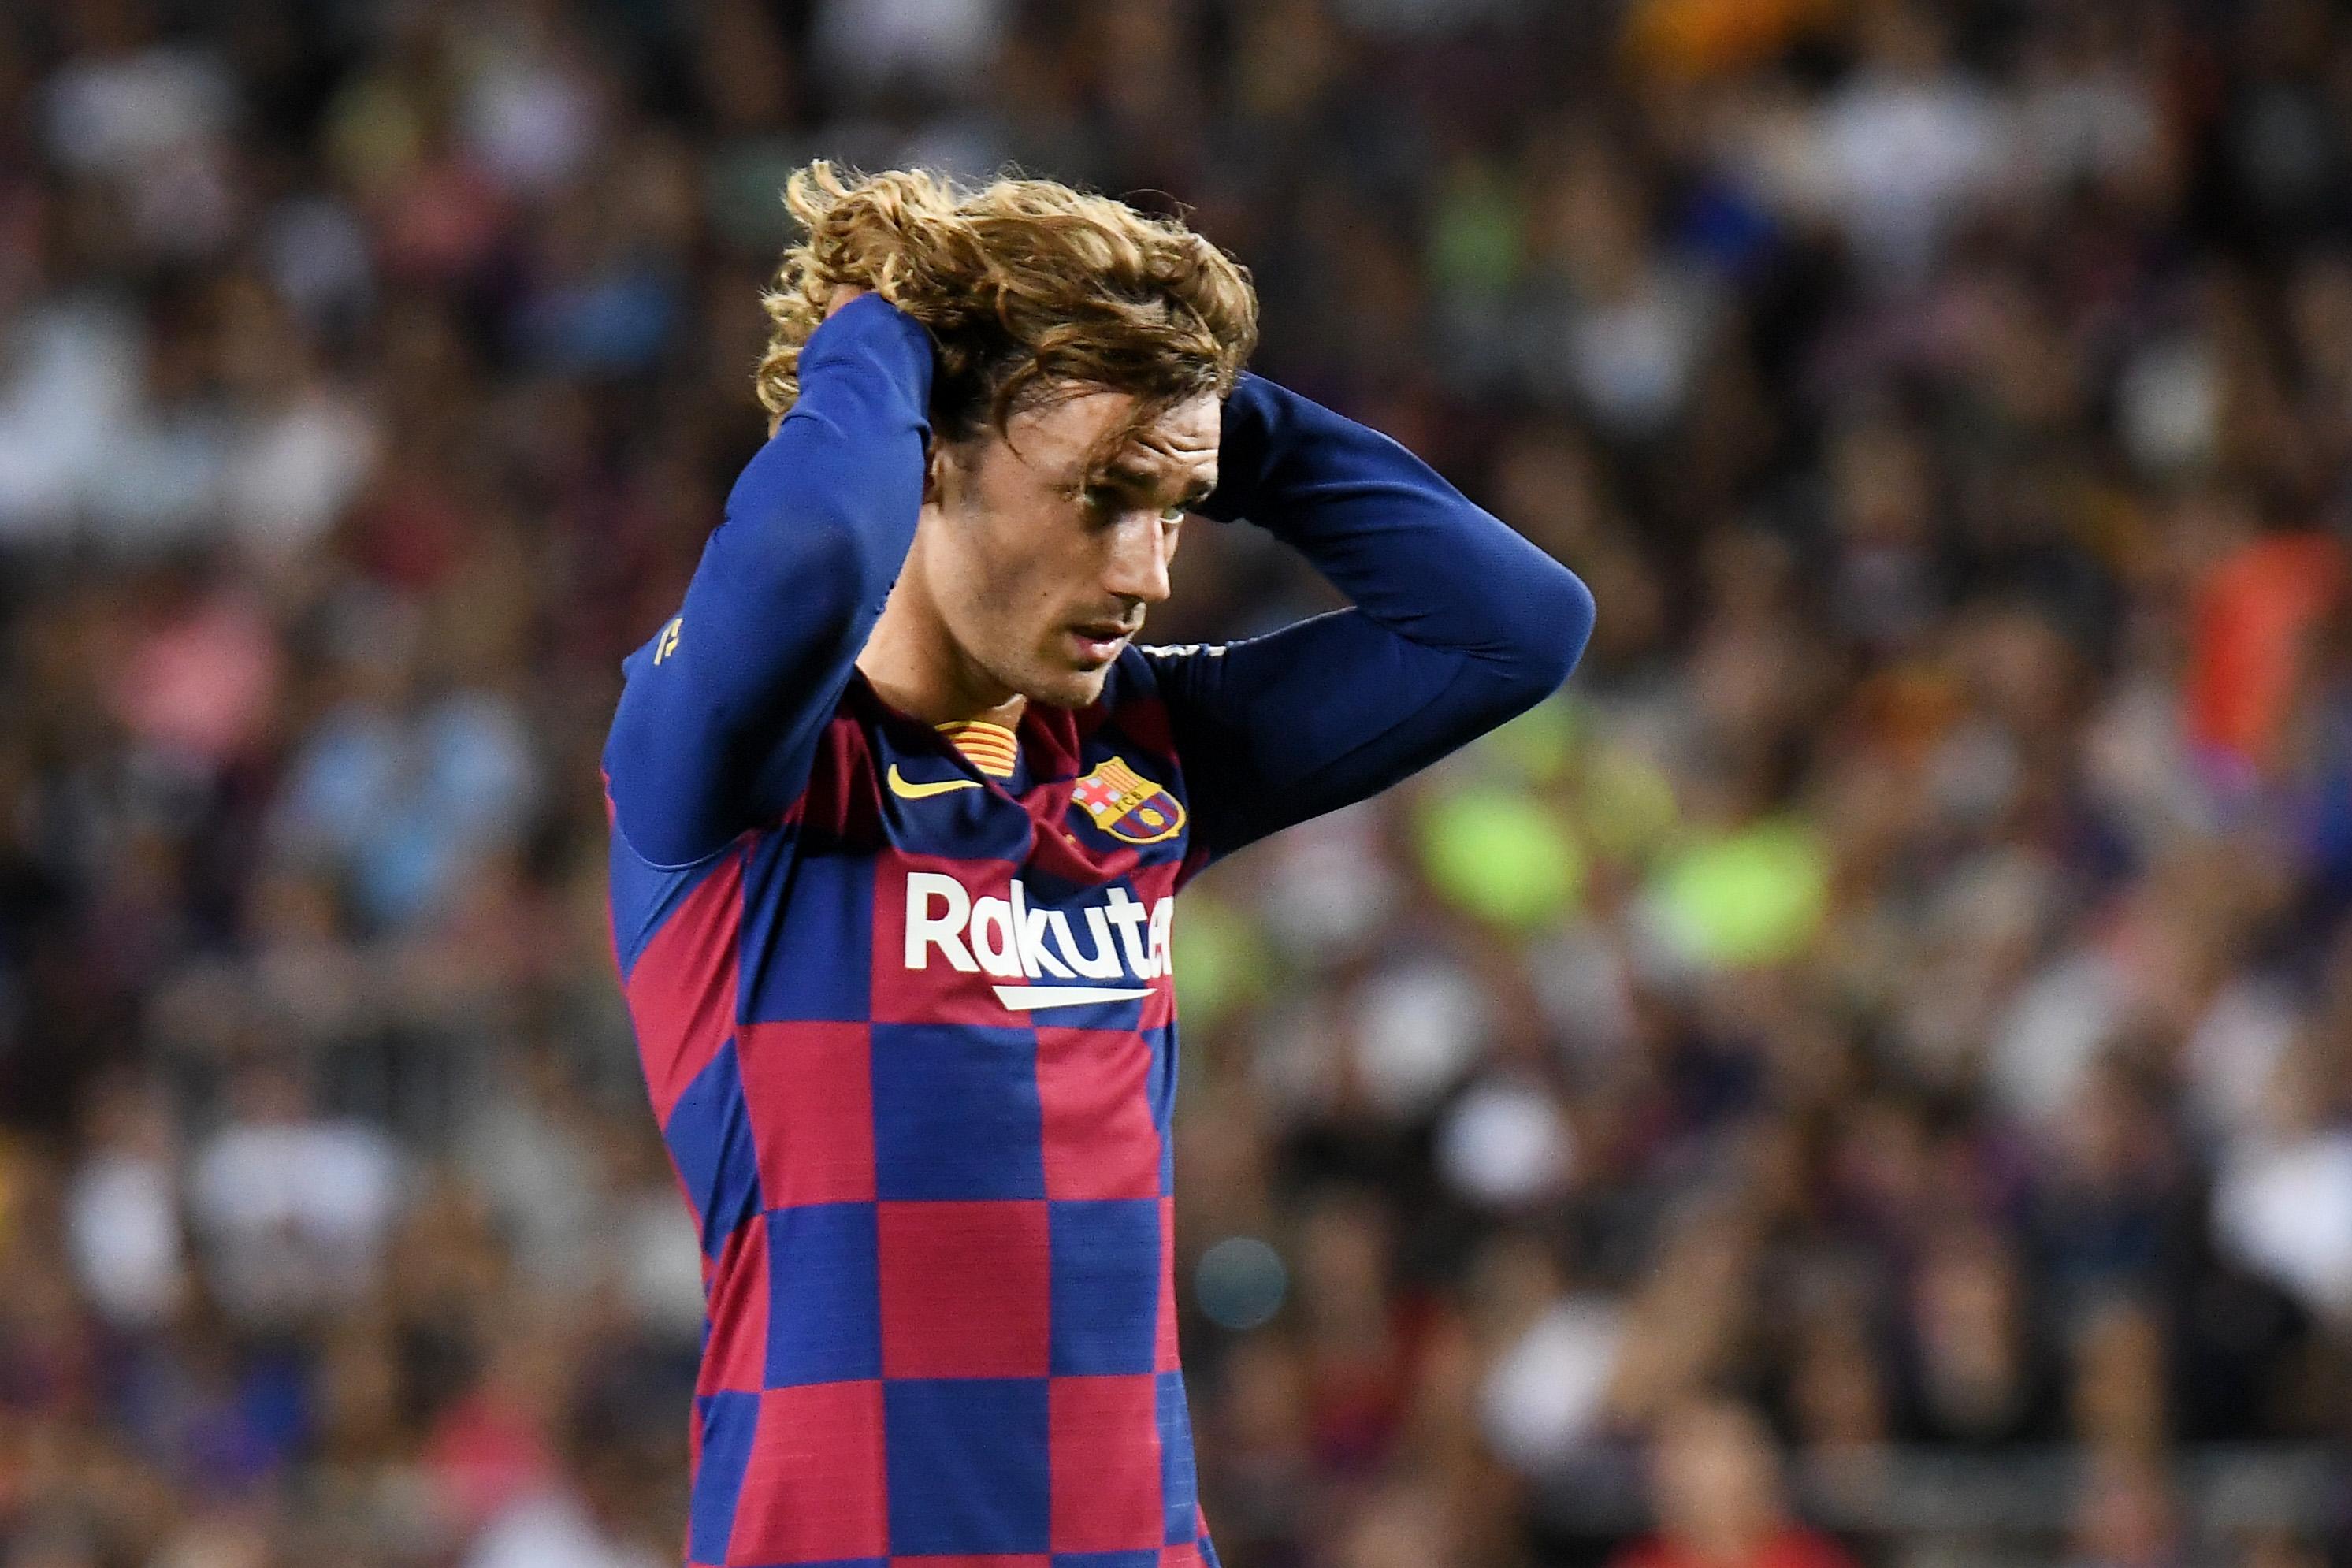 Football - Transferts - Transfert de Griezmann : le mail secret qui pourrait couler le Barça